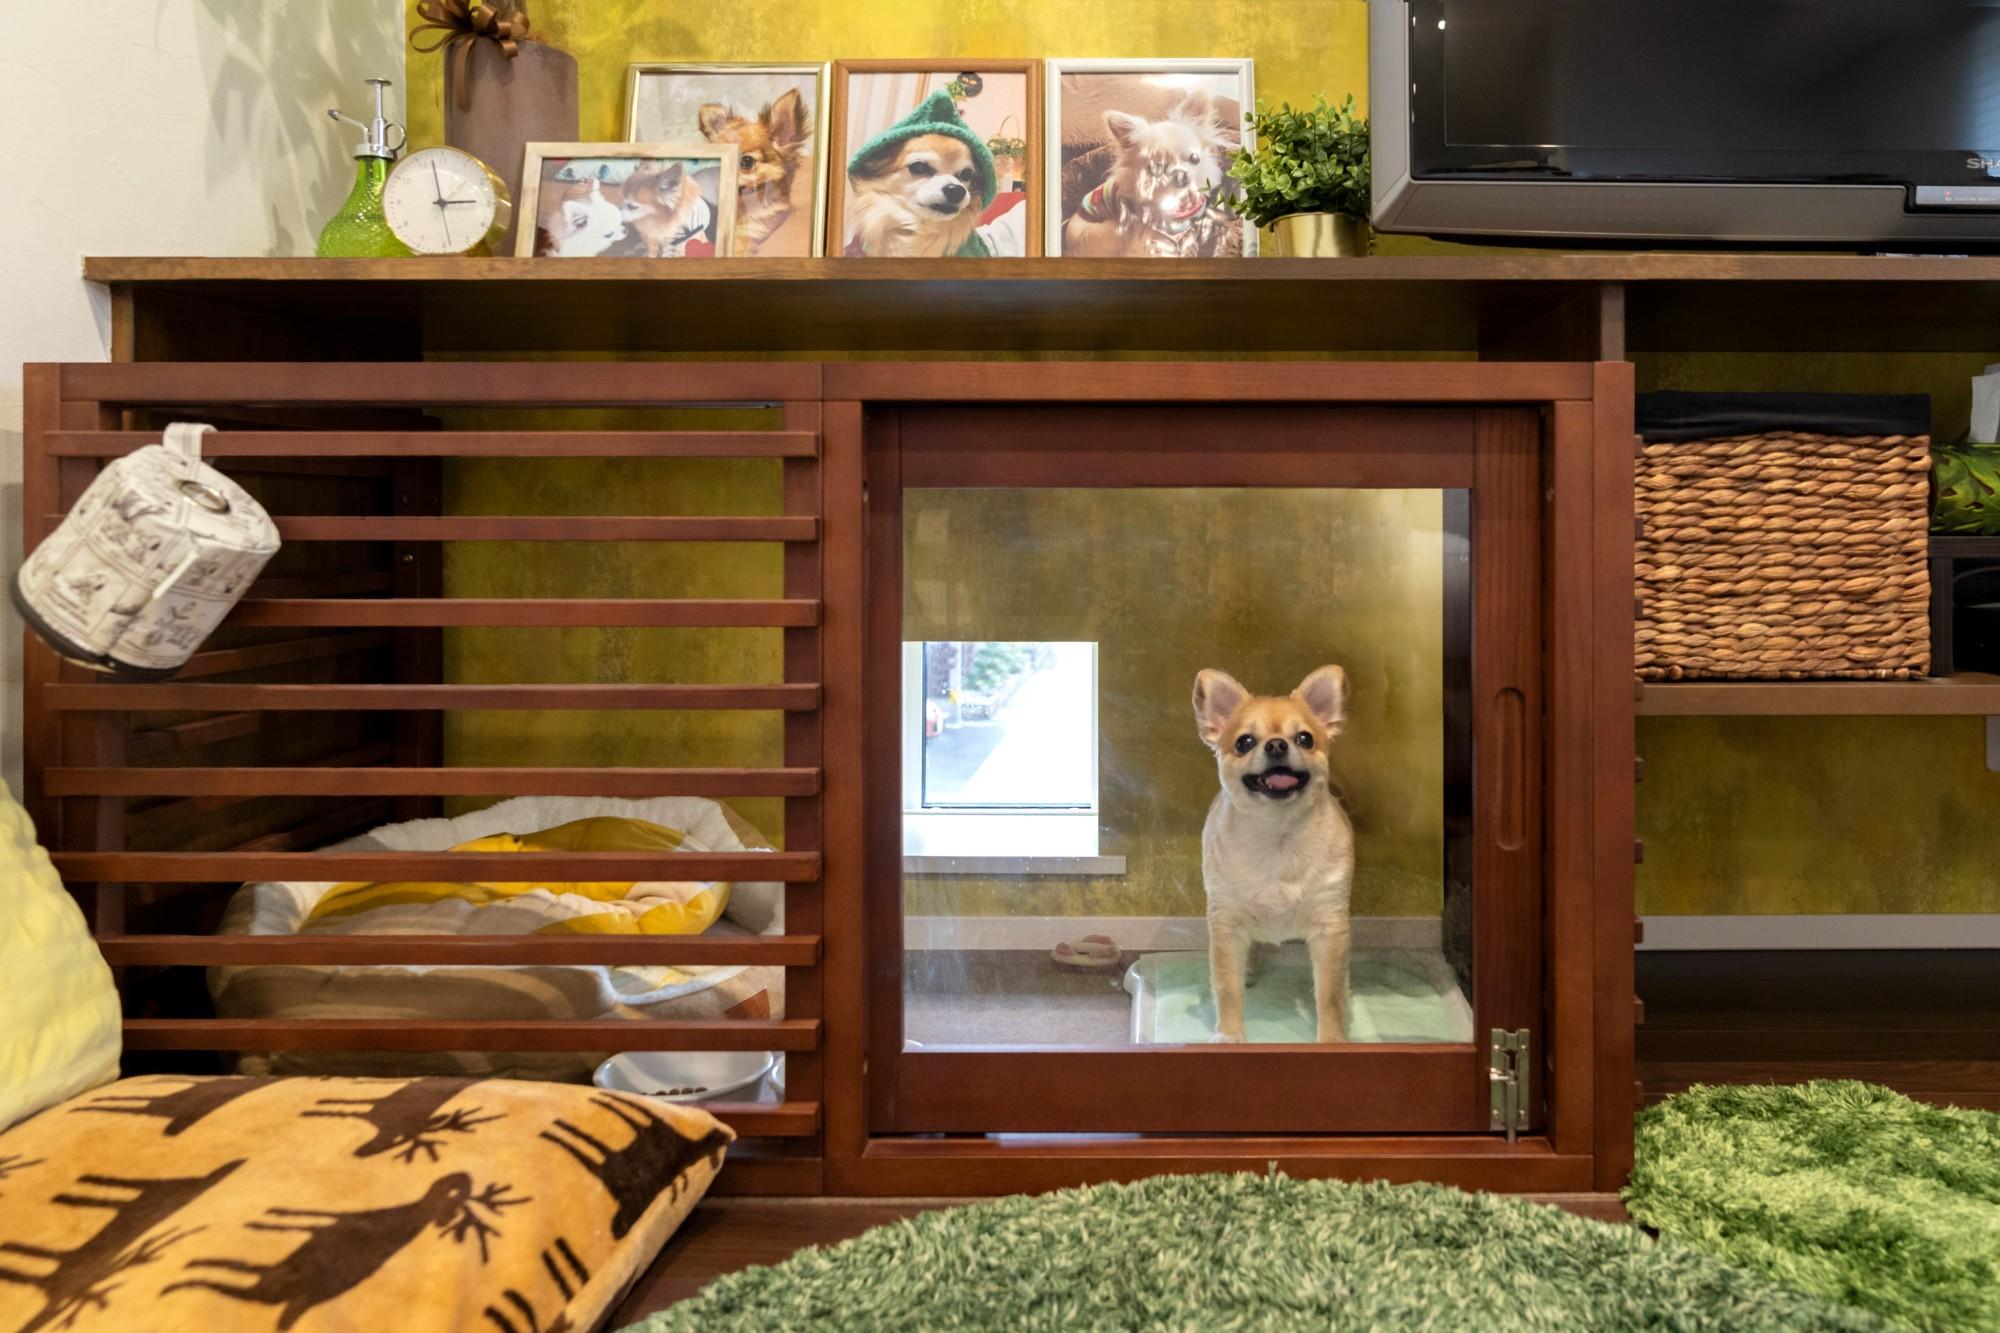 新潟材協 クオリティハウス「趣味と暮らし、愛犬との時間を大切にするリノベーションの家」の実例写真